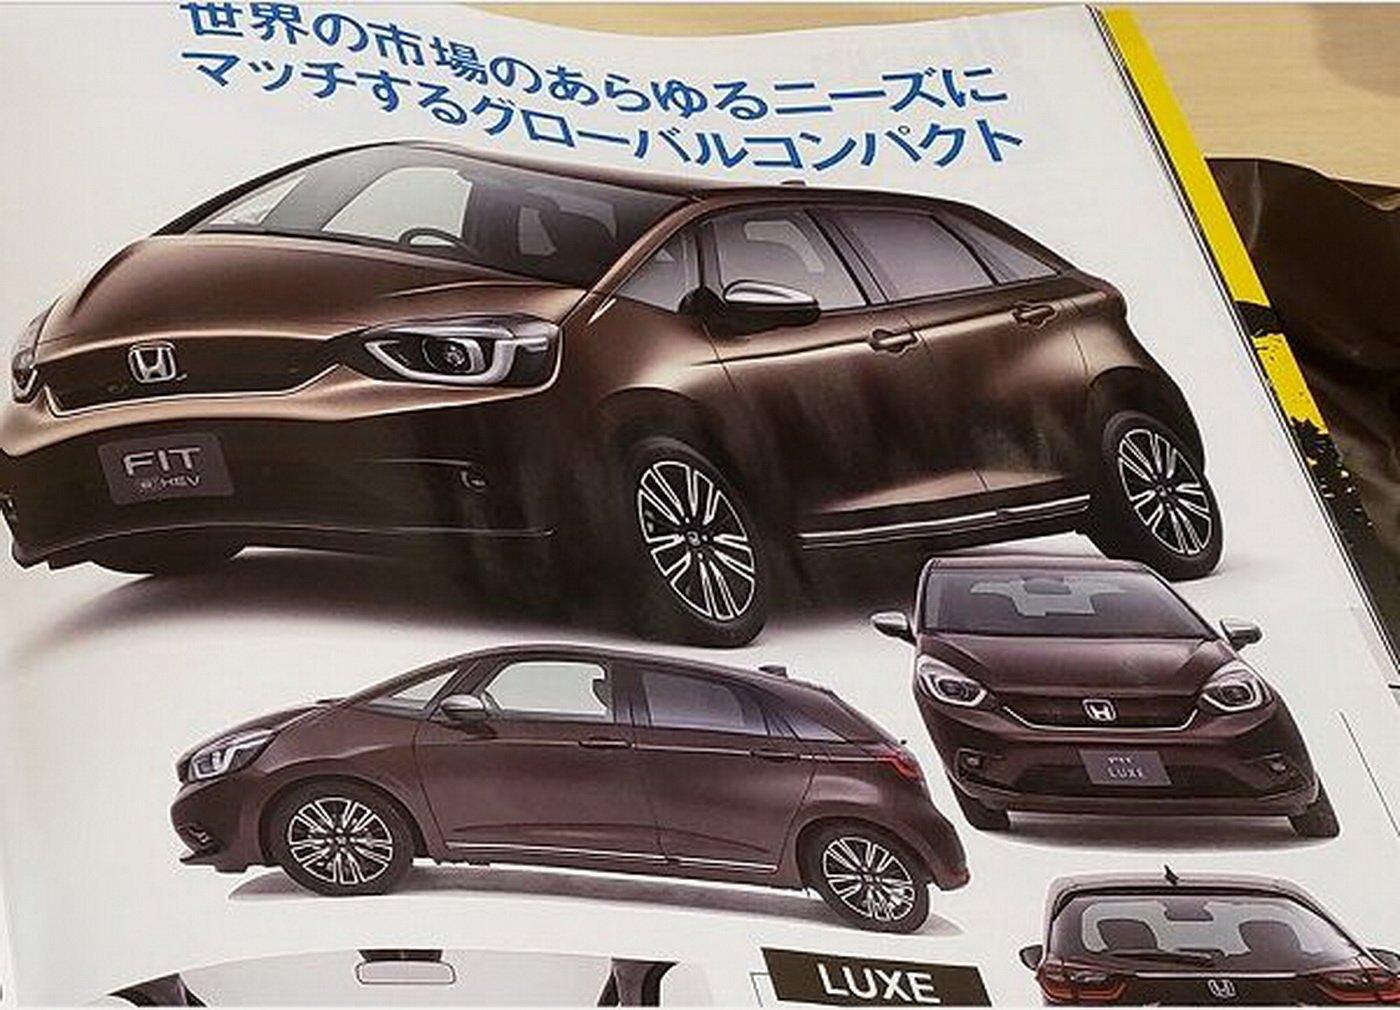 Honda Jazz 2020 tại Nhật Bản bao gồm bốn phiên bản: Basic, Ness, Luxe và Crosstar. .